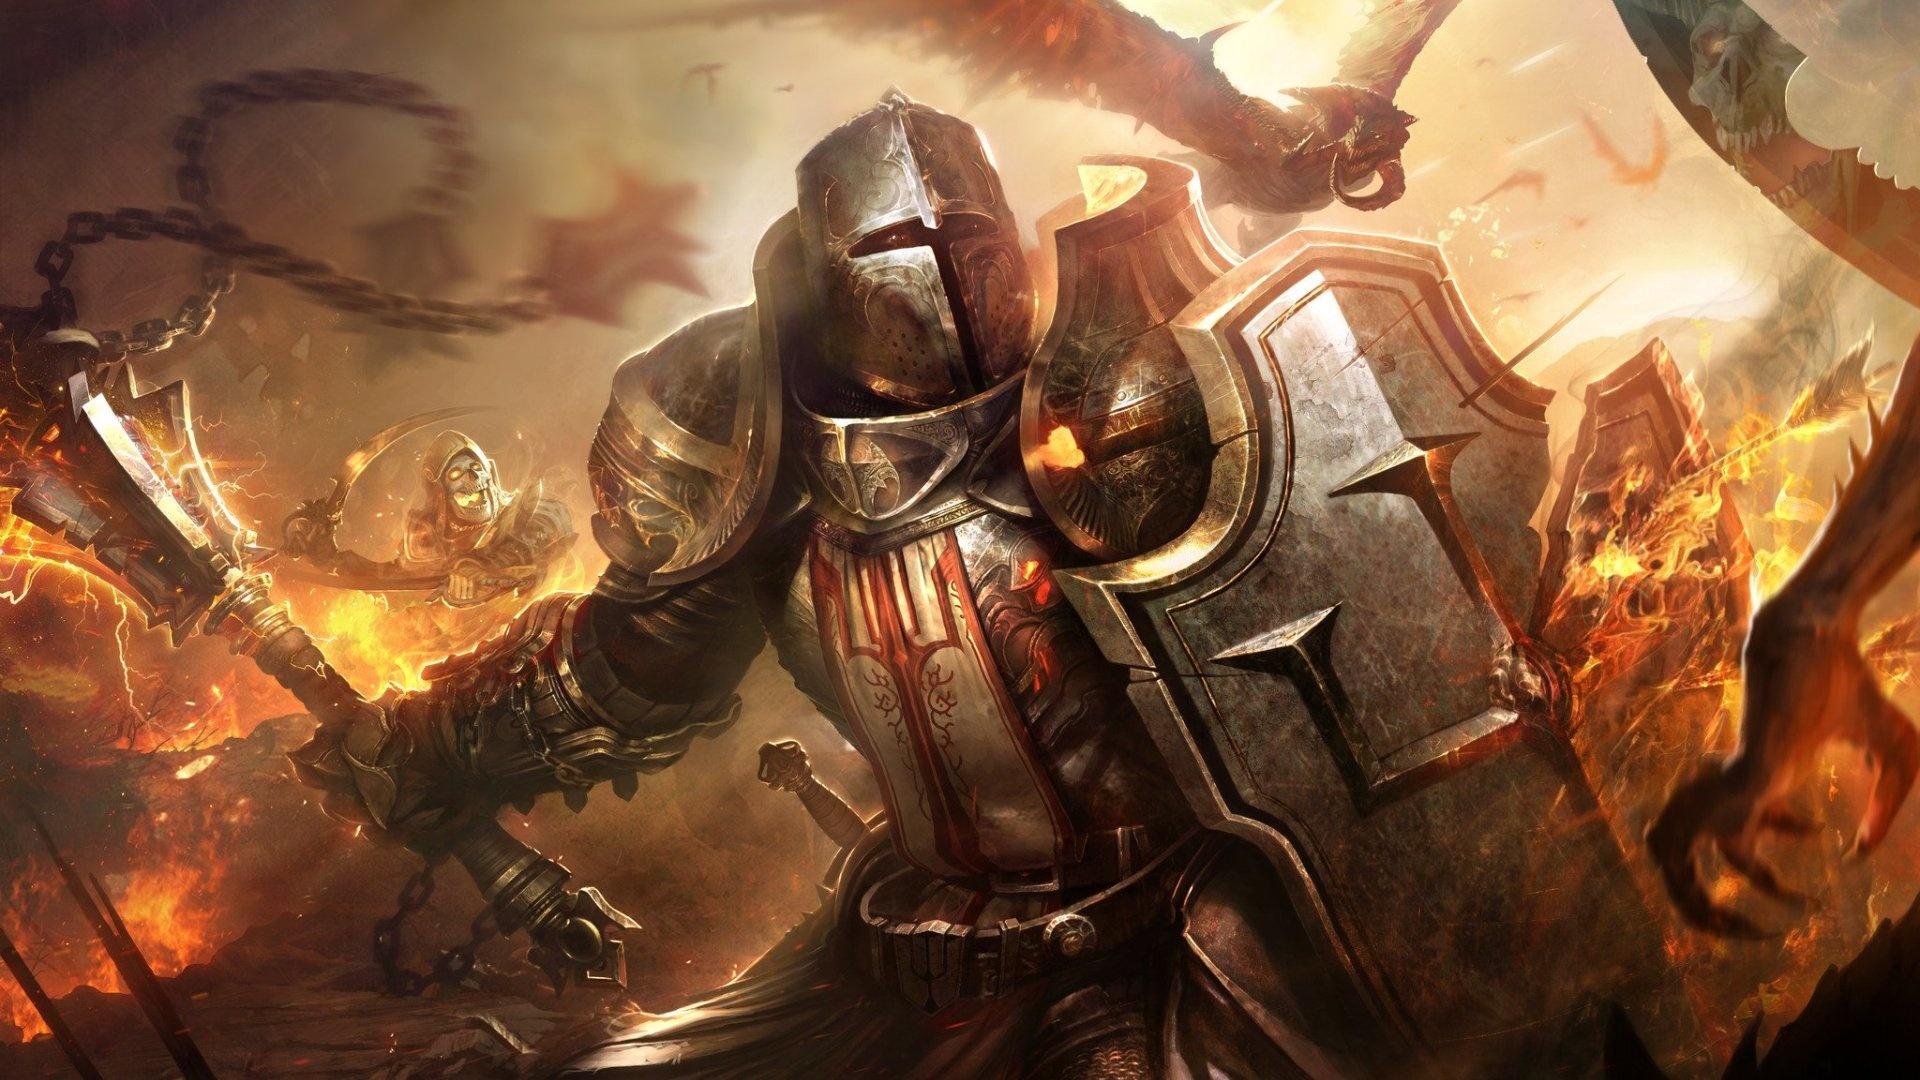 Diablo 3 Wallpaper px HDWallSource